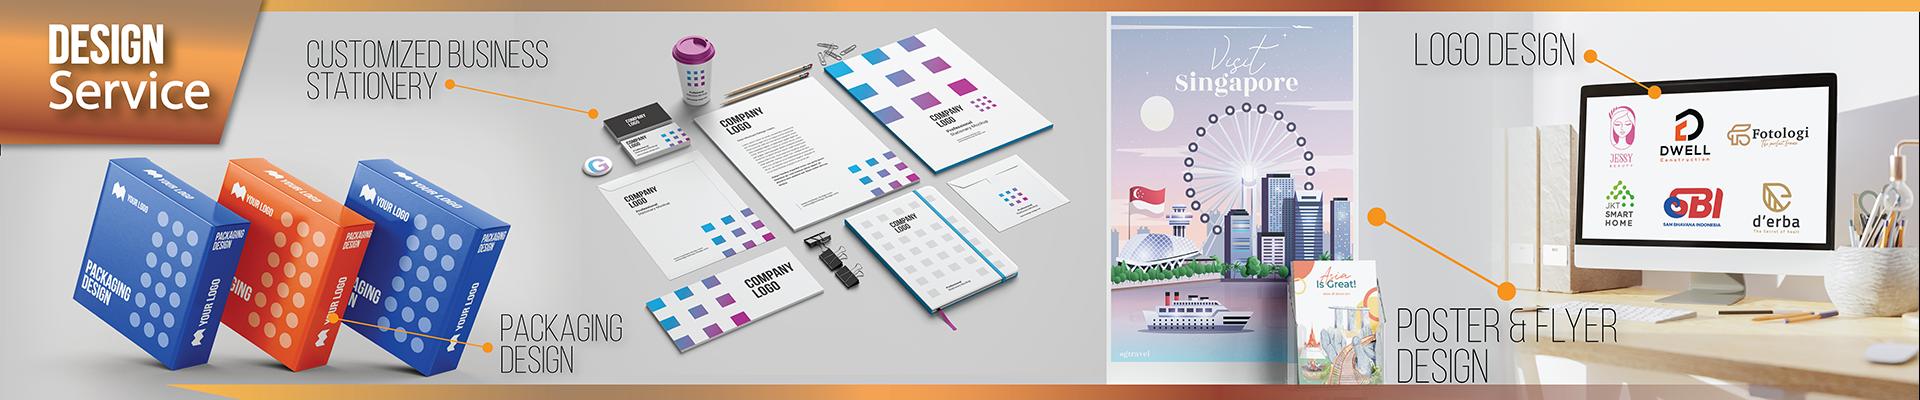 Banner Slider Design Service